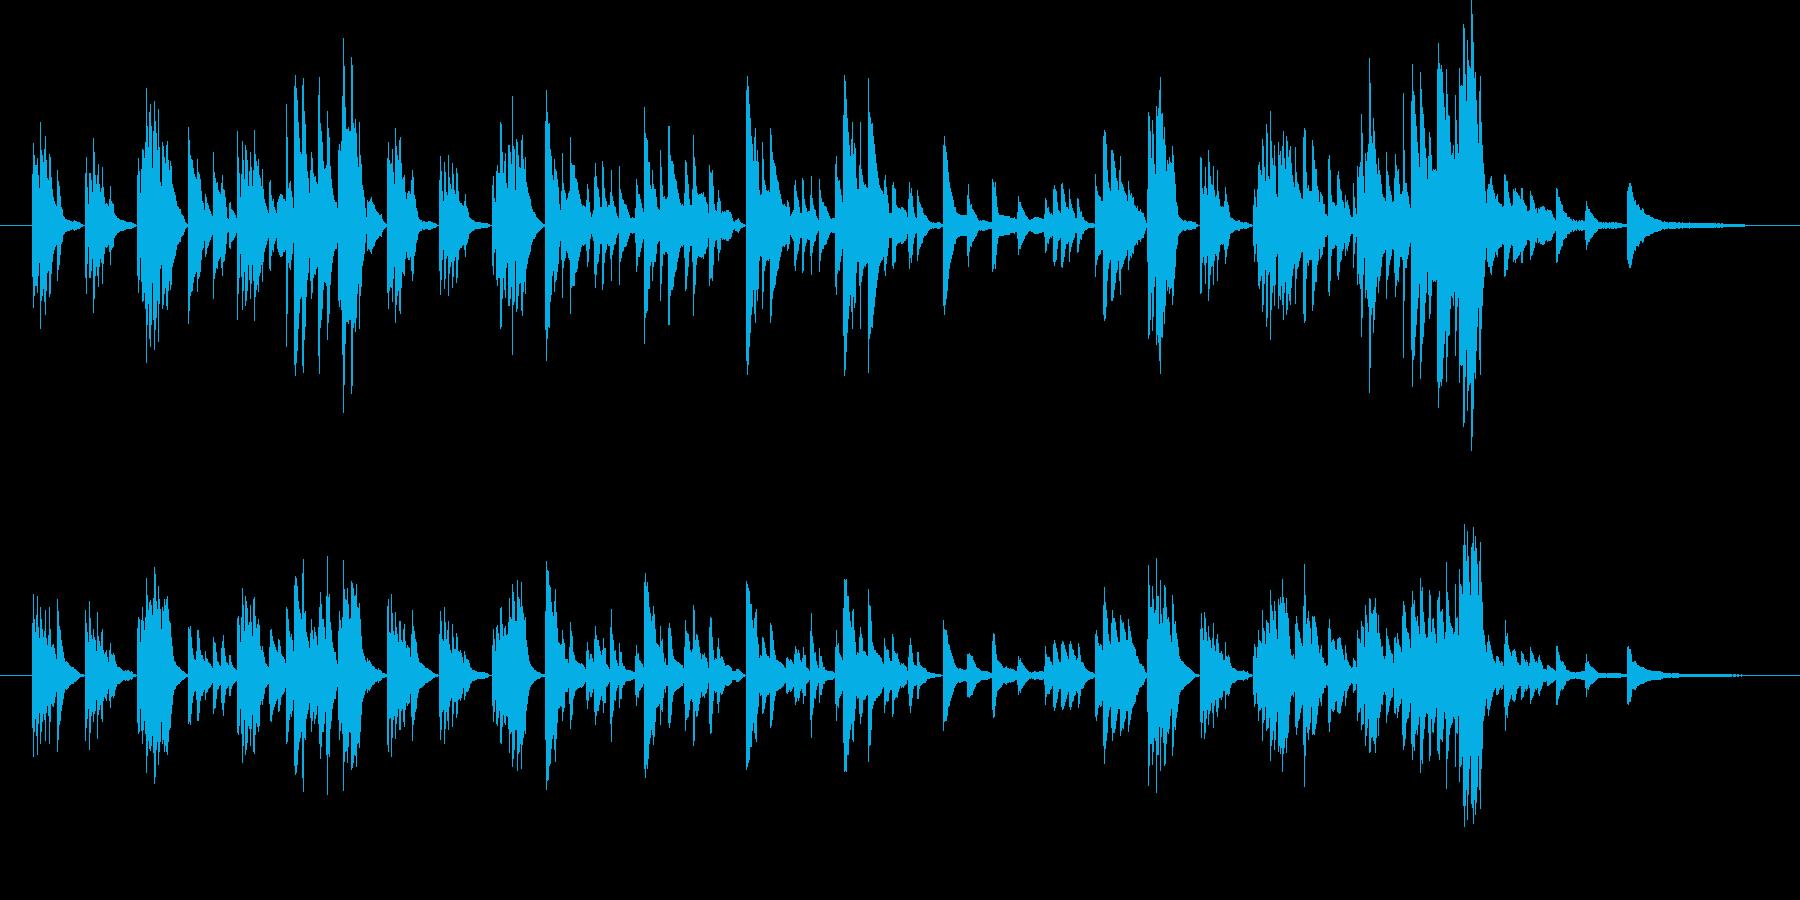 モーツァルトのようなクラシカルピアノの再生済みの波形